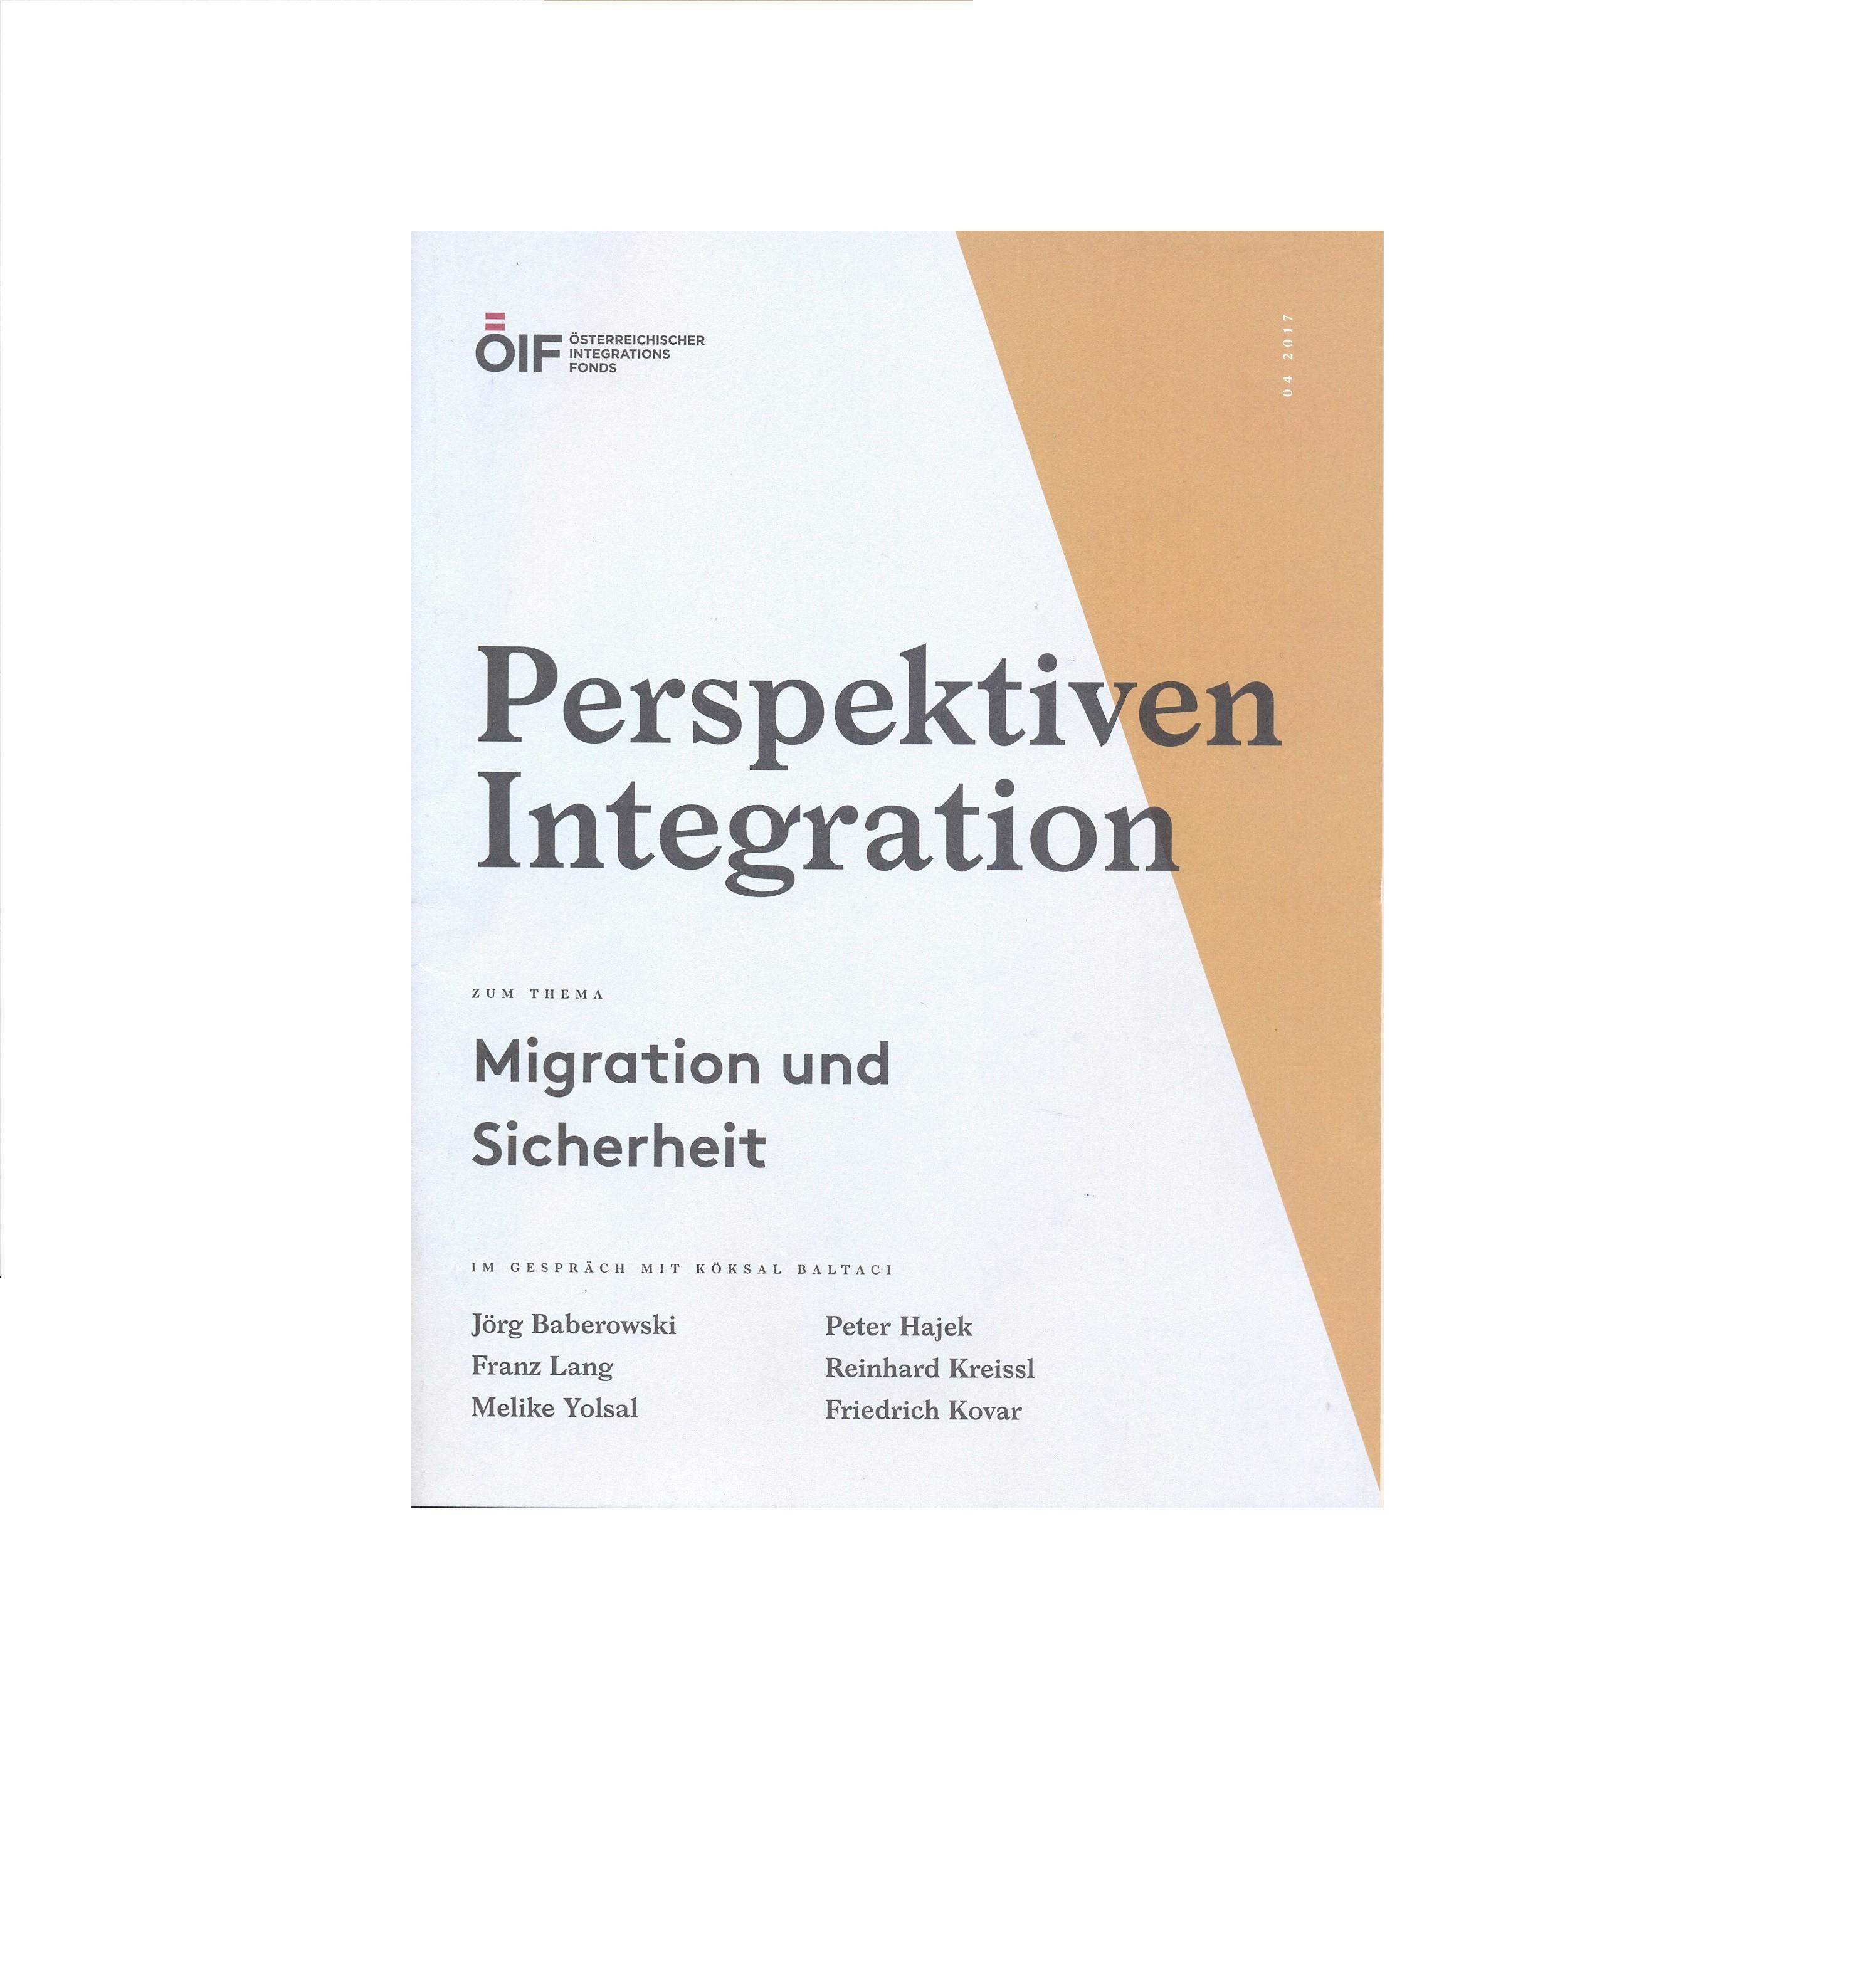 Perspektiven Integration Migration und Sicherheit